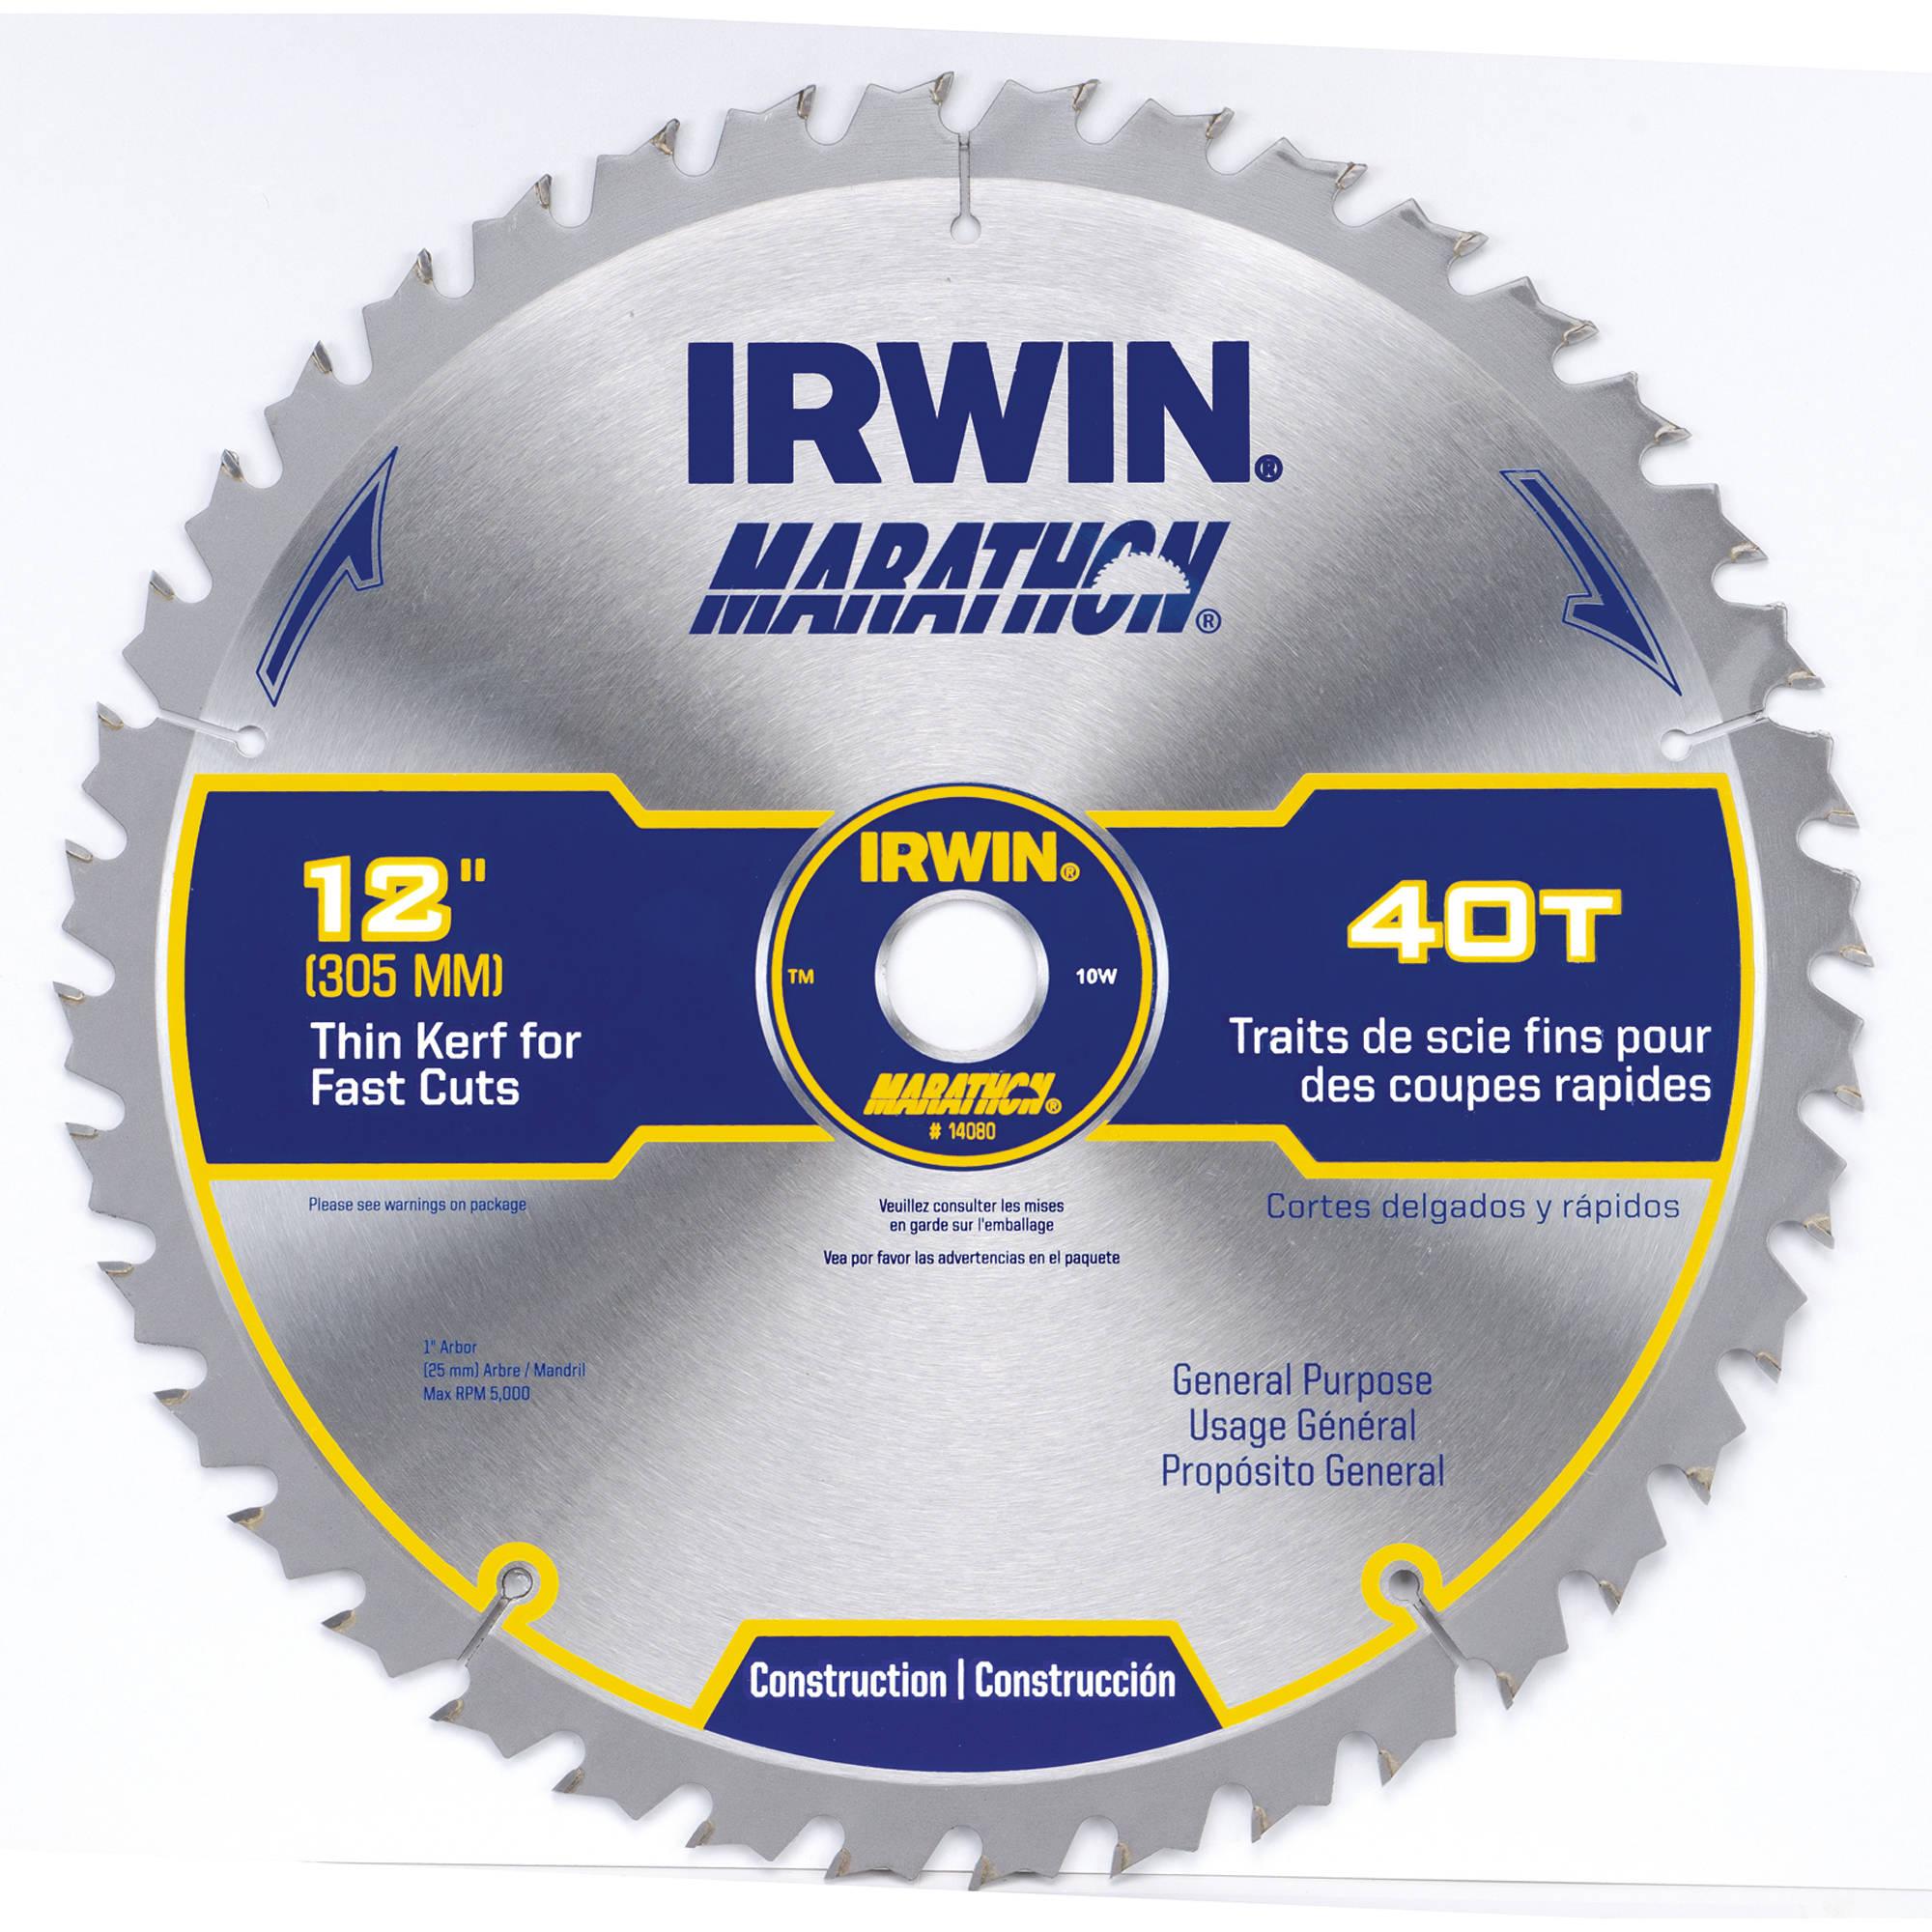 Irwin Marathon Miter/Table Saw Blade